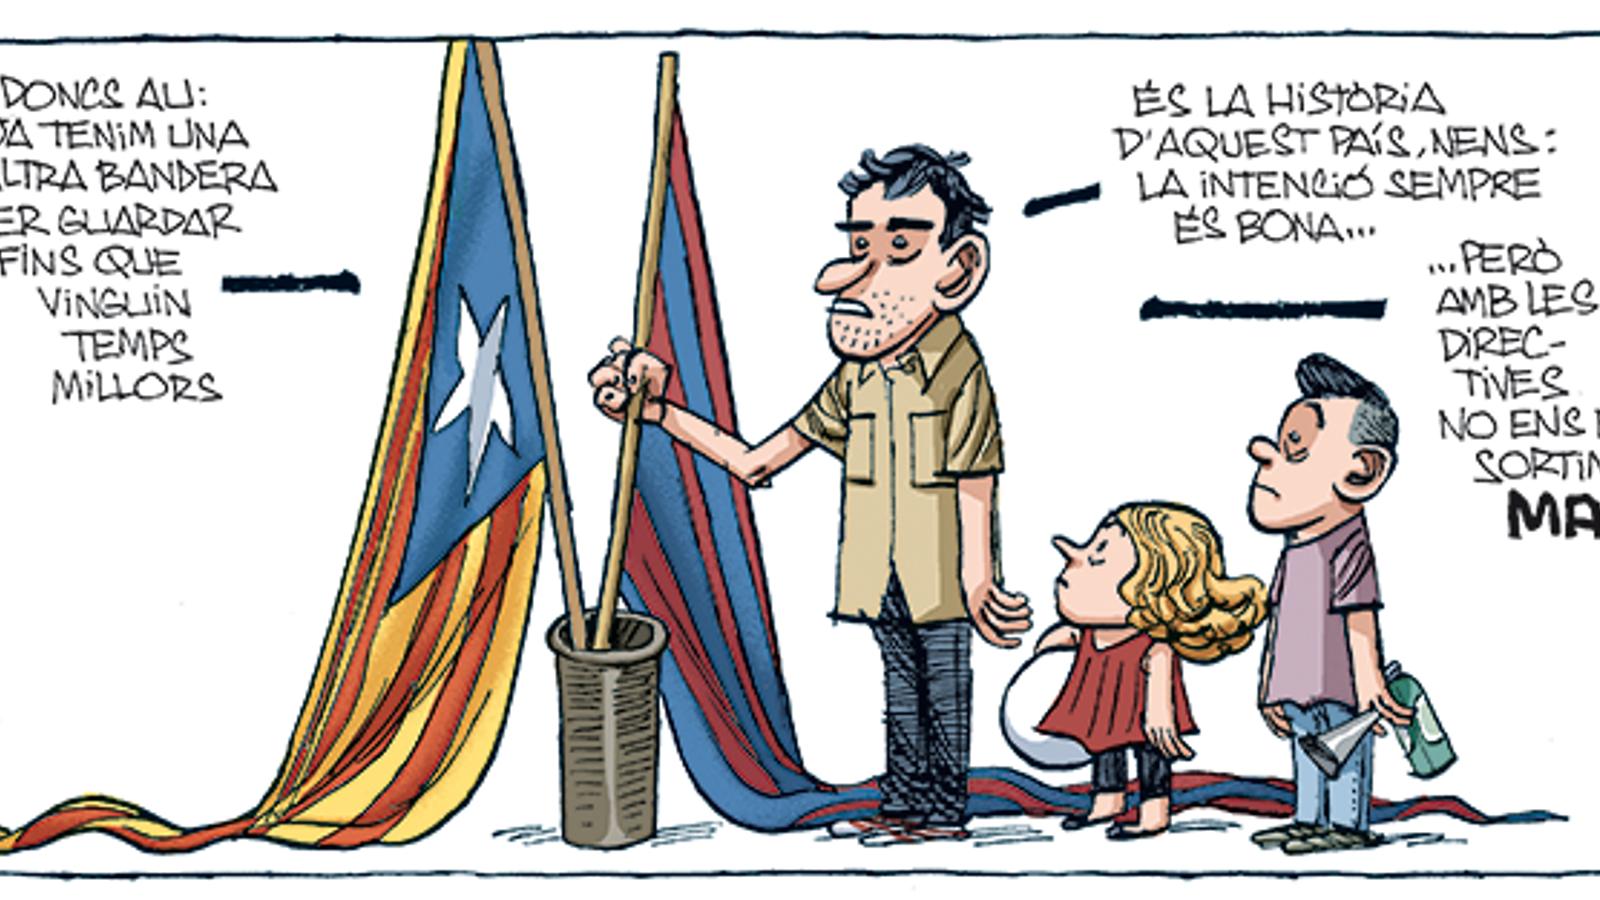 'A la contra', per Manel Fontdevila (17/08/2020)